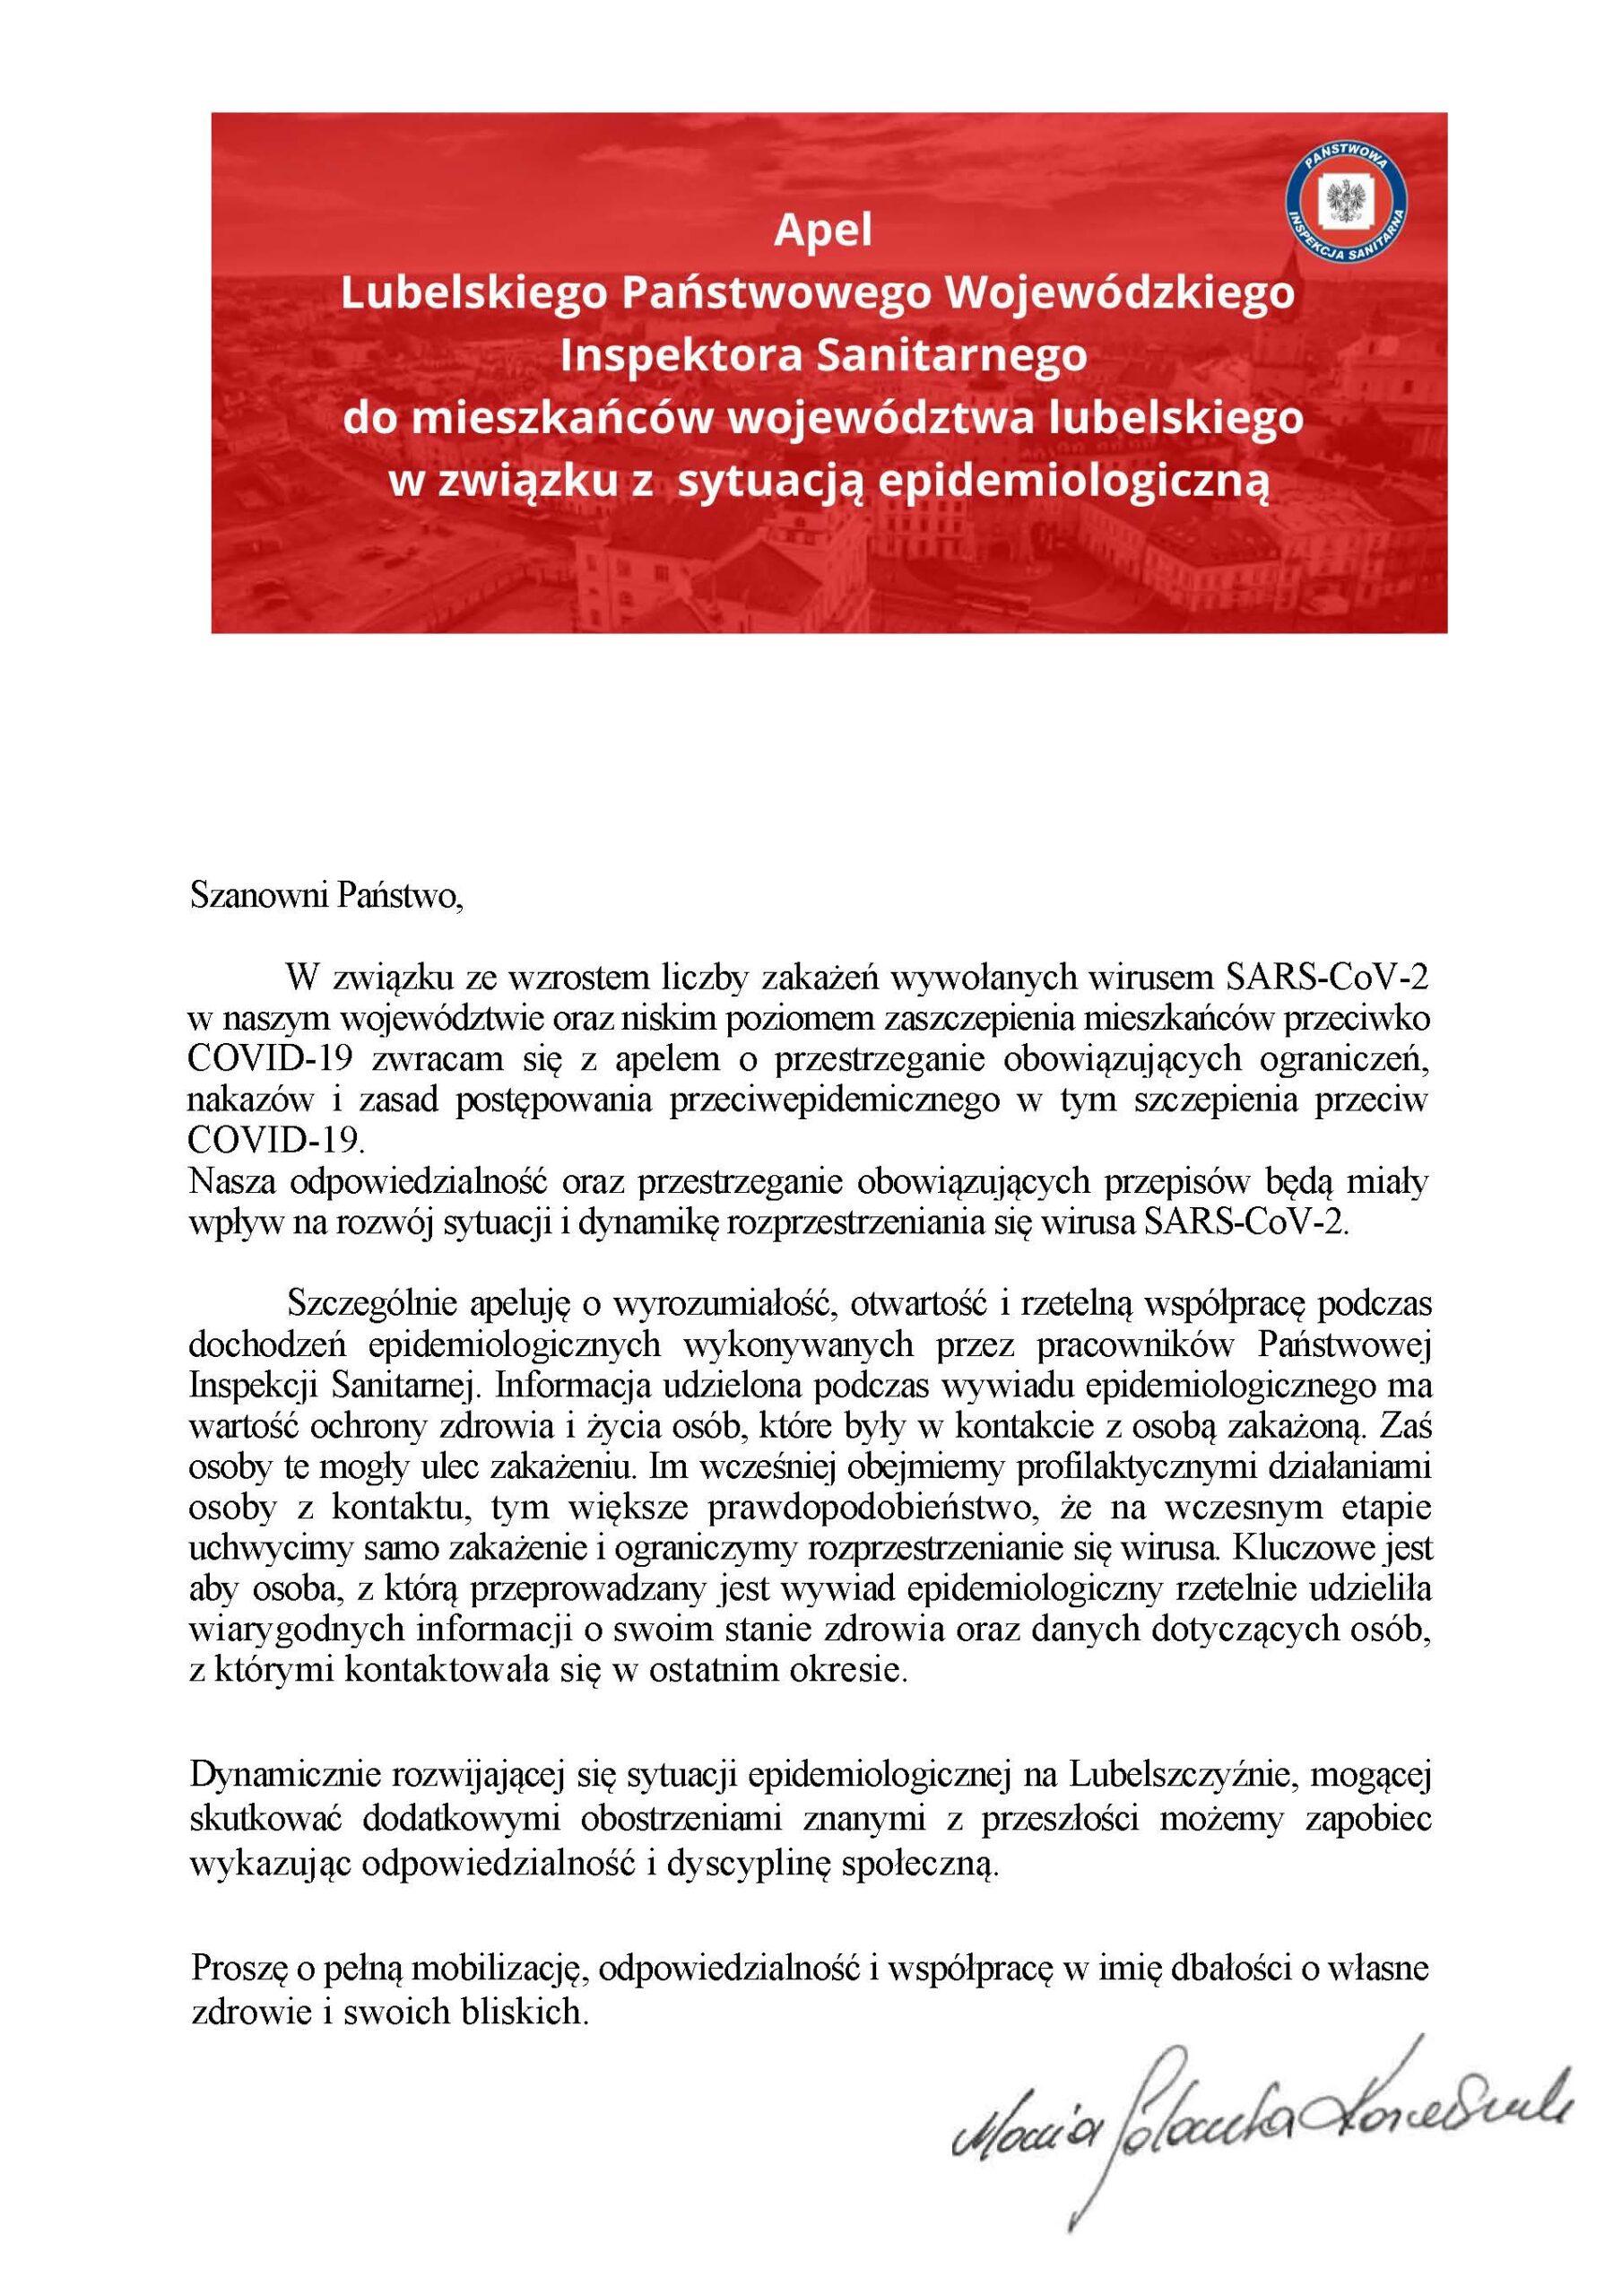 Apel Wojewódzkiego Inspektora Sanitarnego w Lublinie.